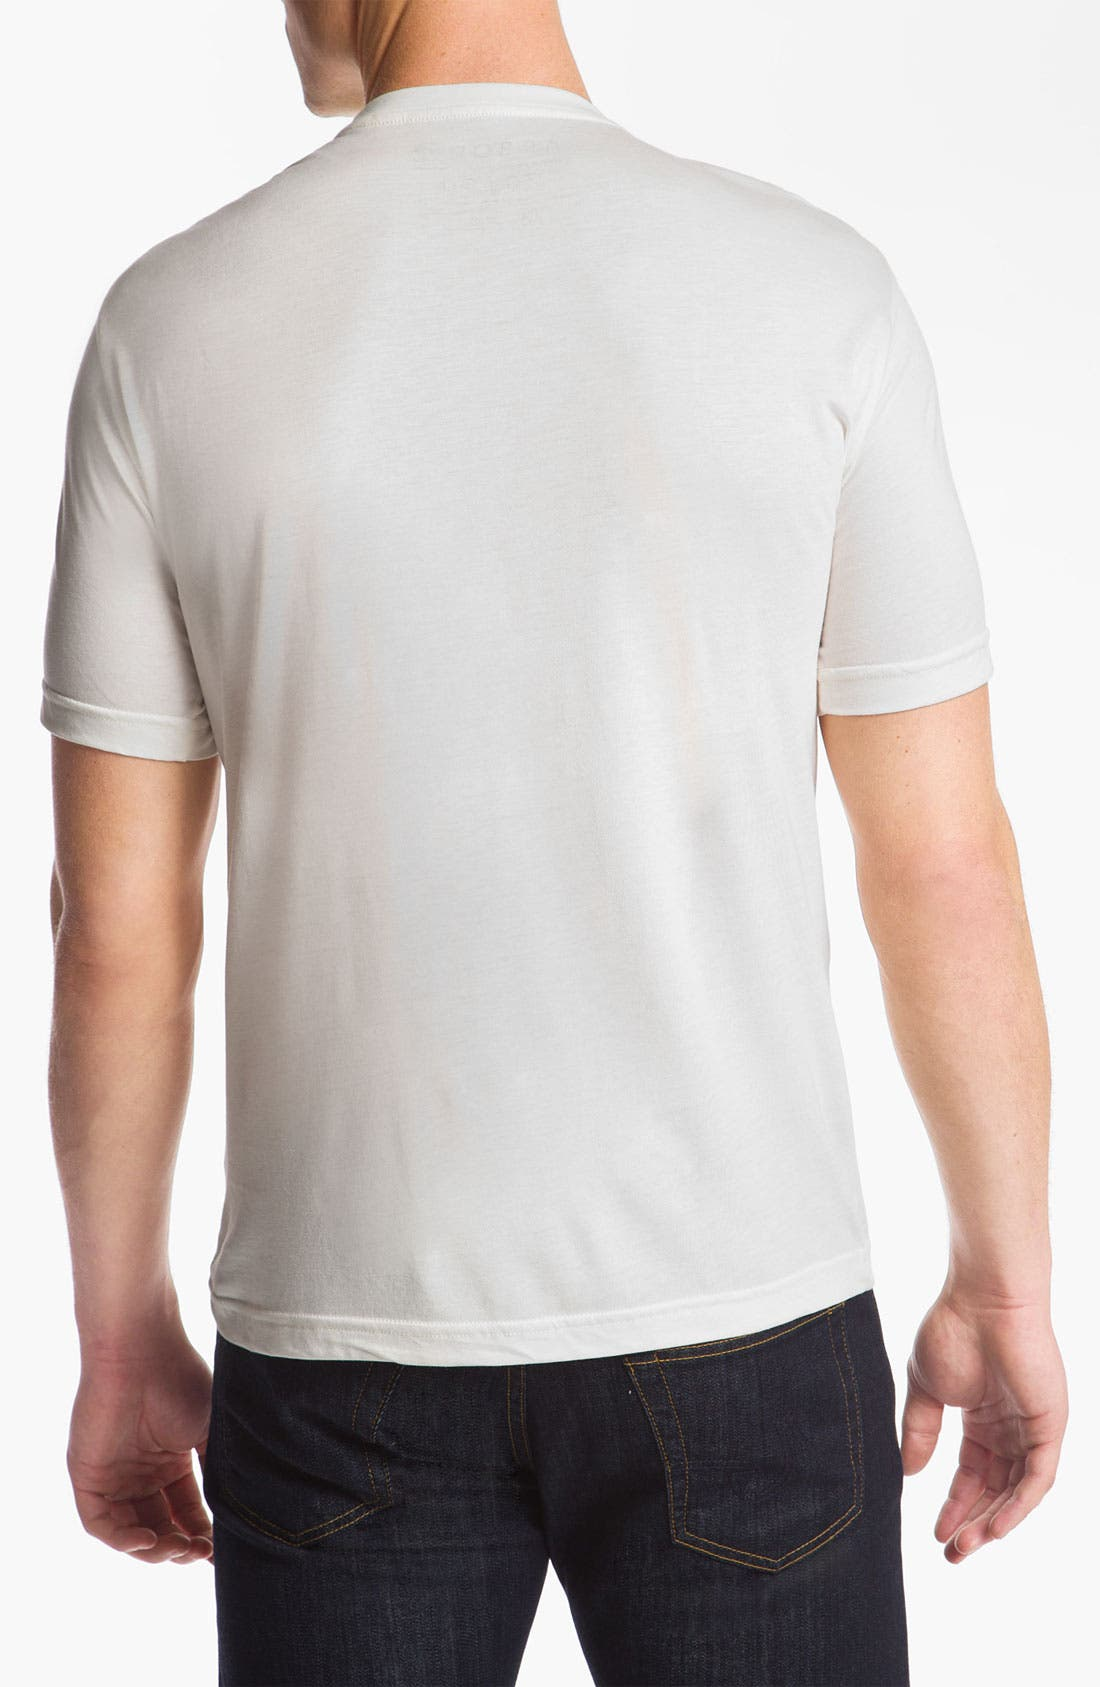 Alternate Image 2  - The Original Retro Brand 'UC Irvine' T-Shirt